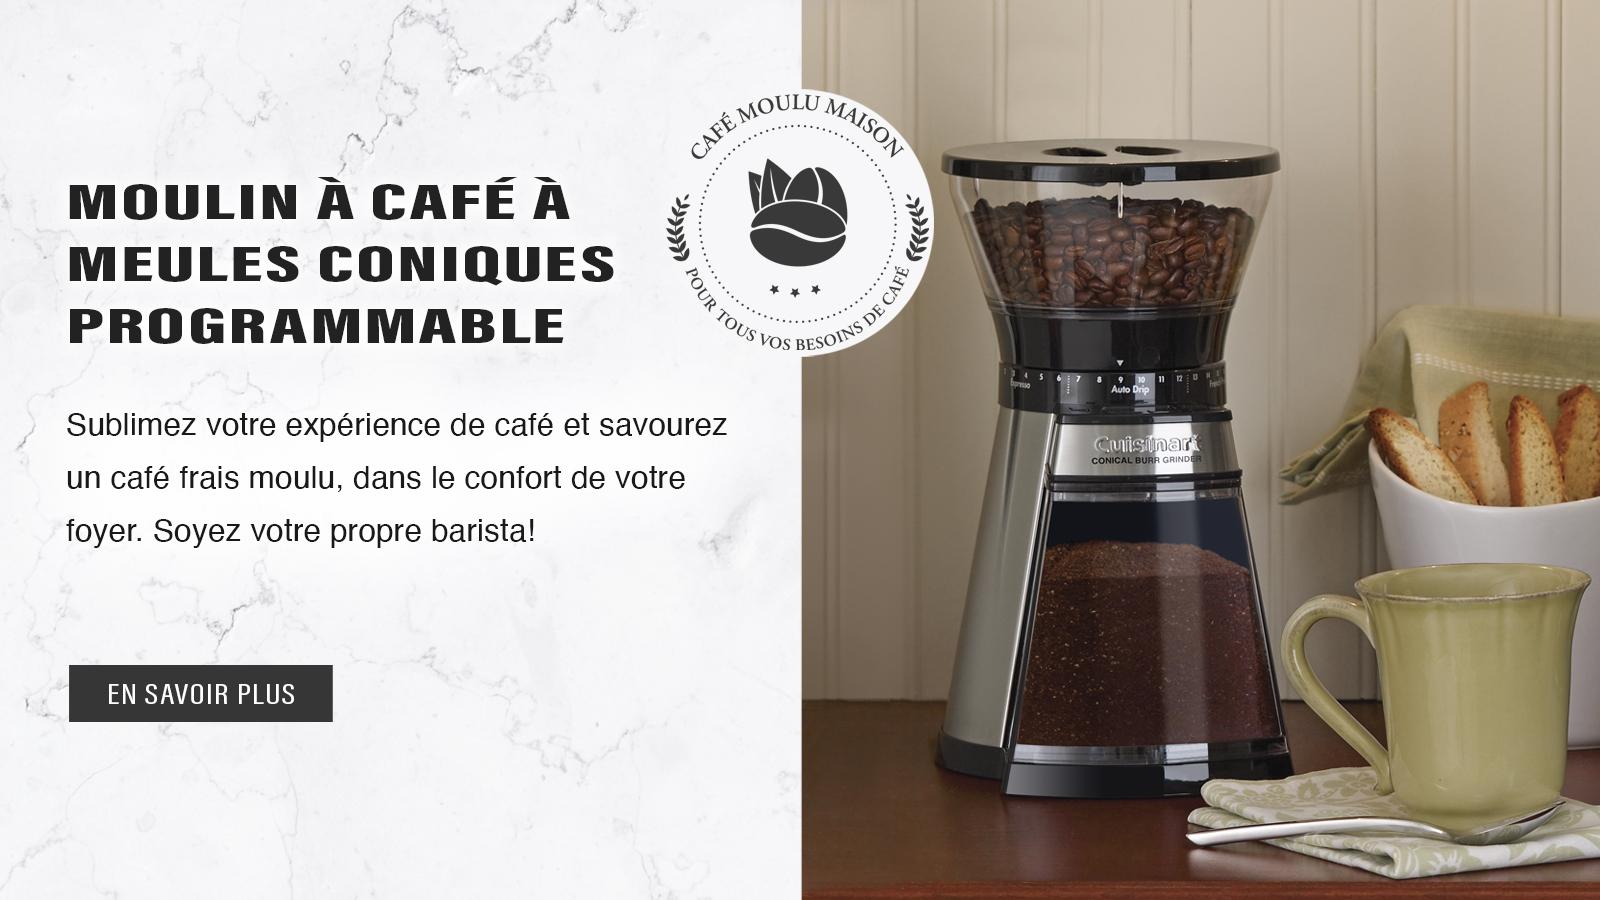 Moulin à café à meules coniques programmable